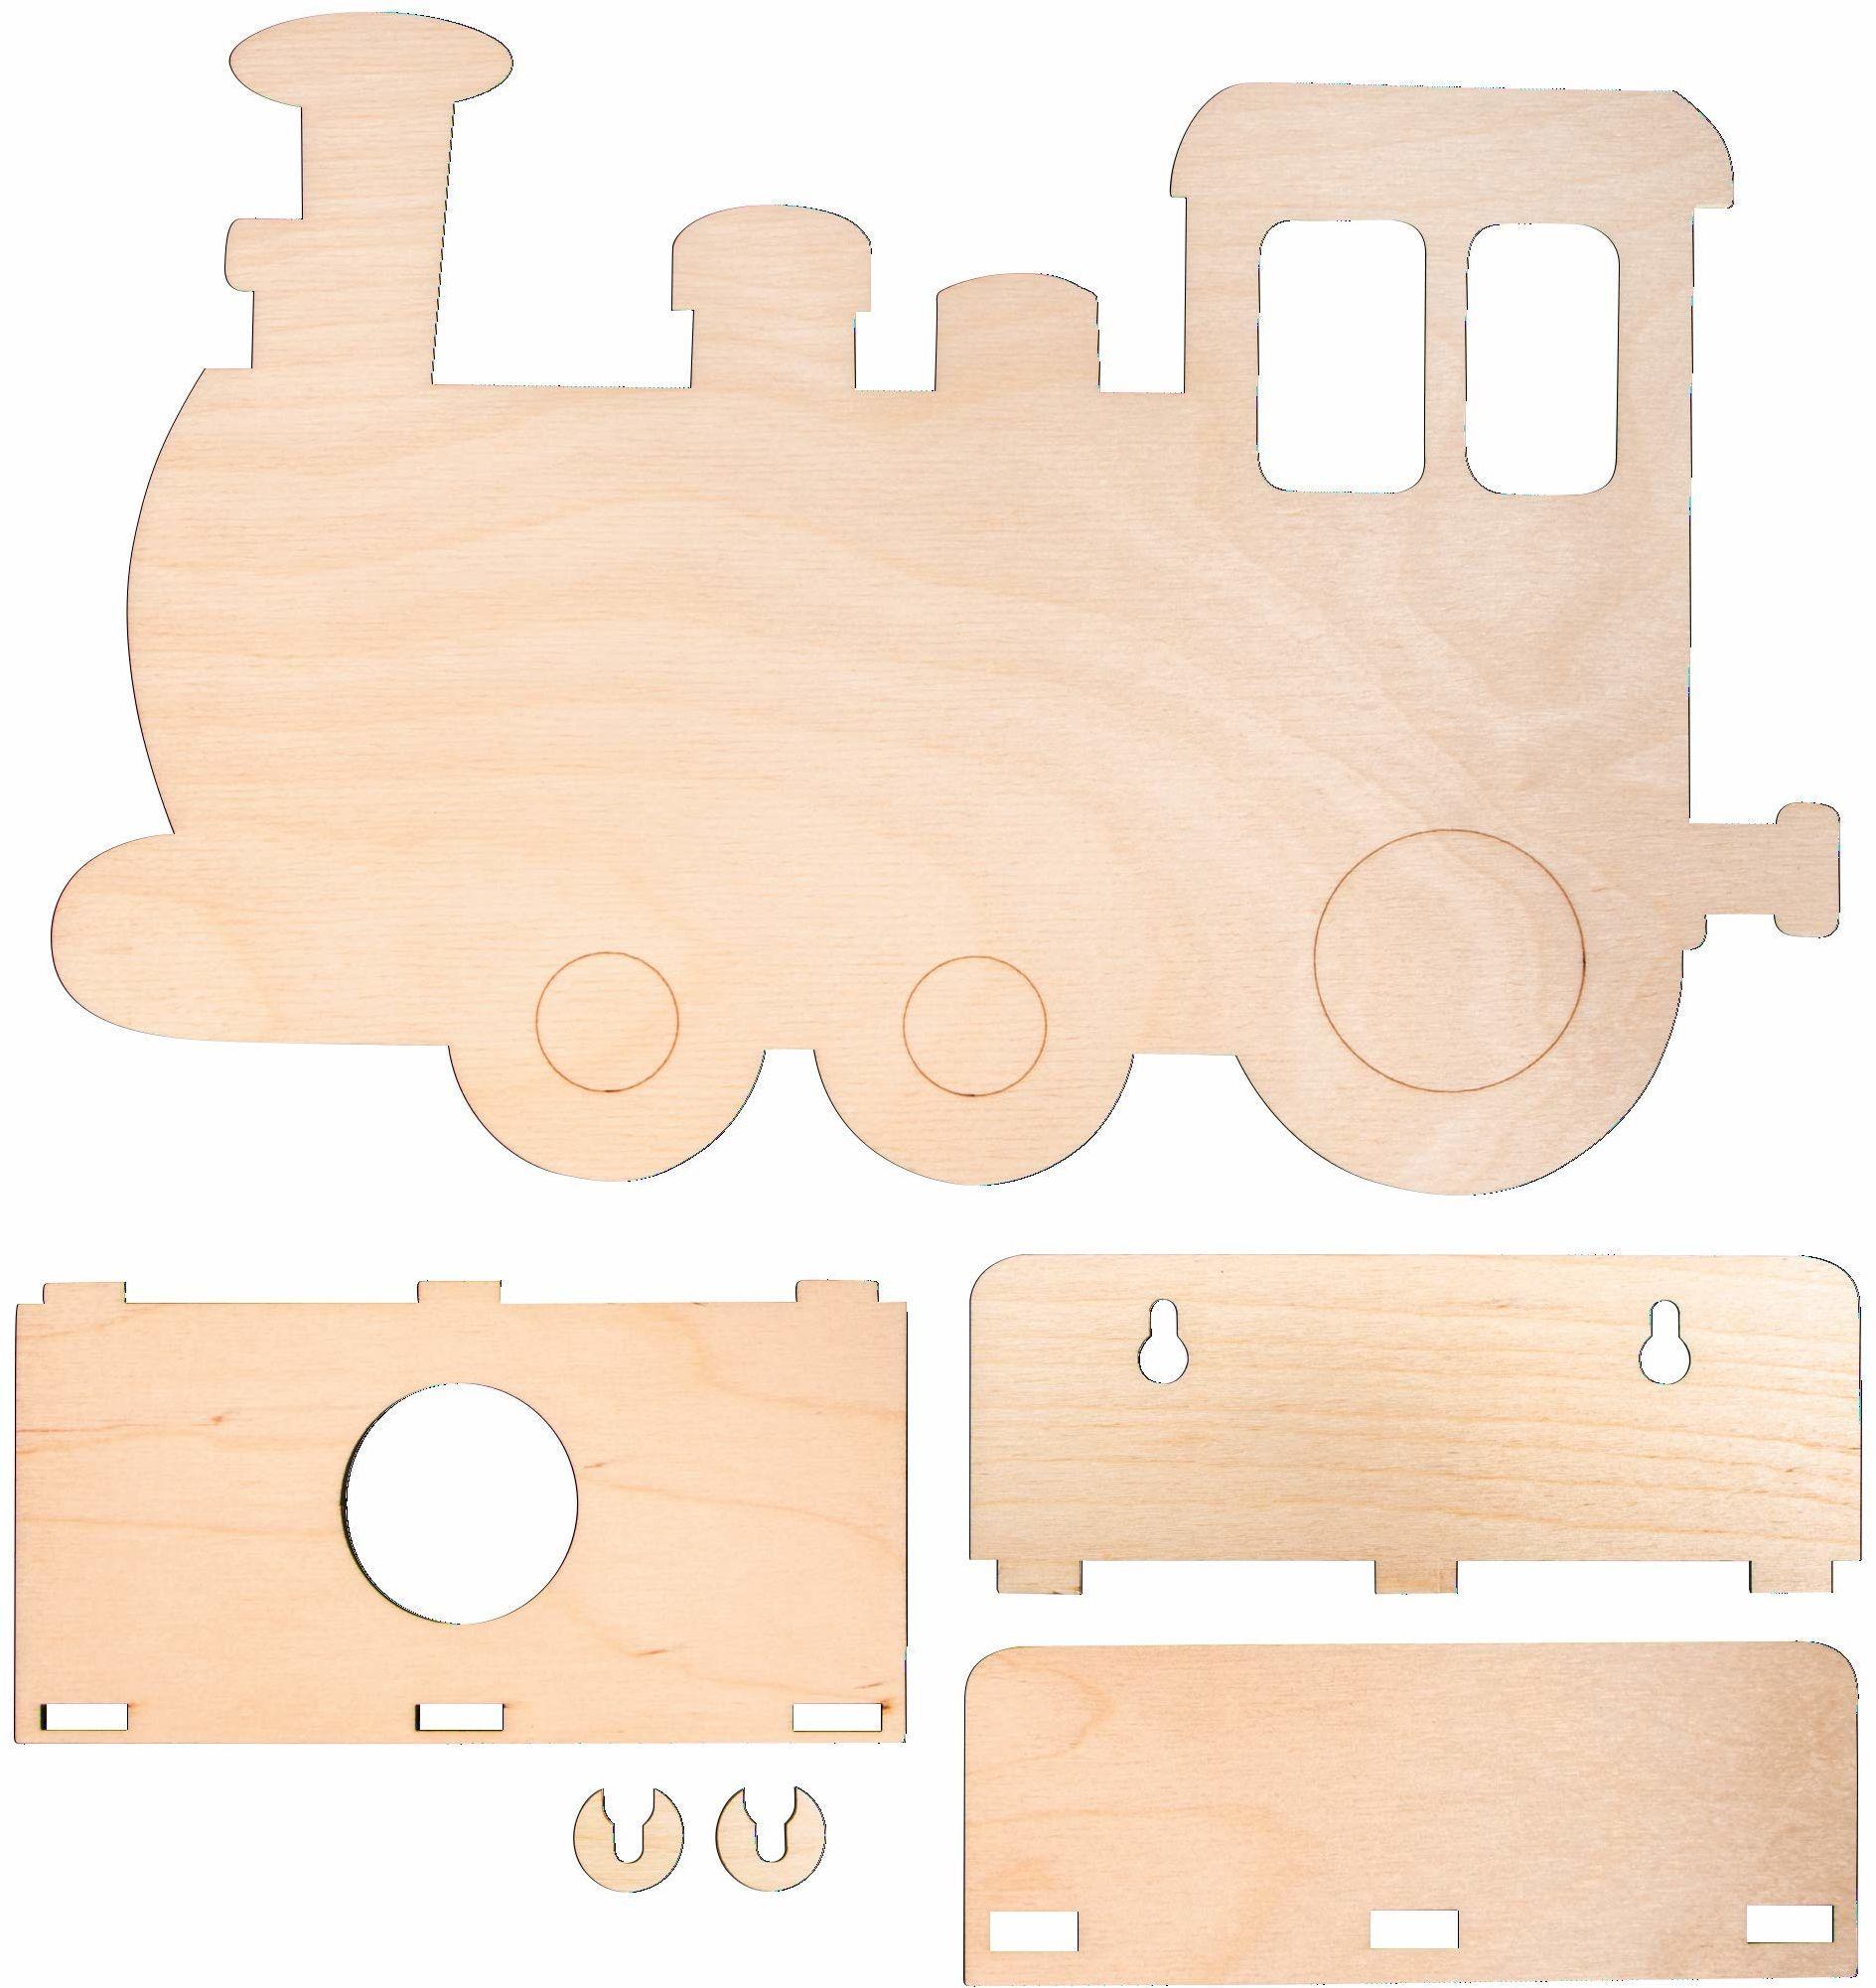 Rayher 62988505 drewniany zestaw do montażu lampa kl. pociągiem, FSC MixCred, naturalny, 29 x 18,3 x 7,5 cm, 6-częściowy, pudełko 1 zestaw, normalne